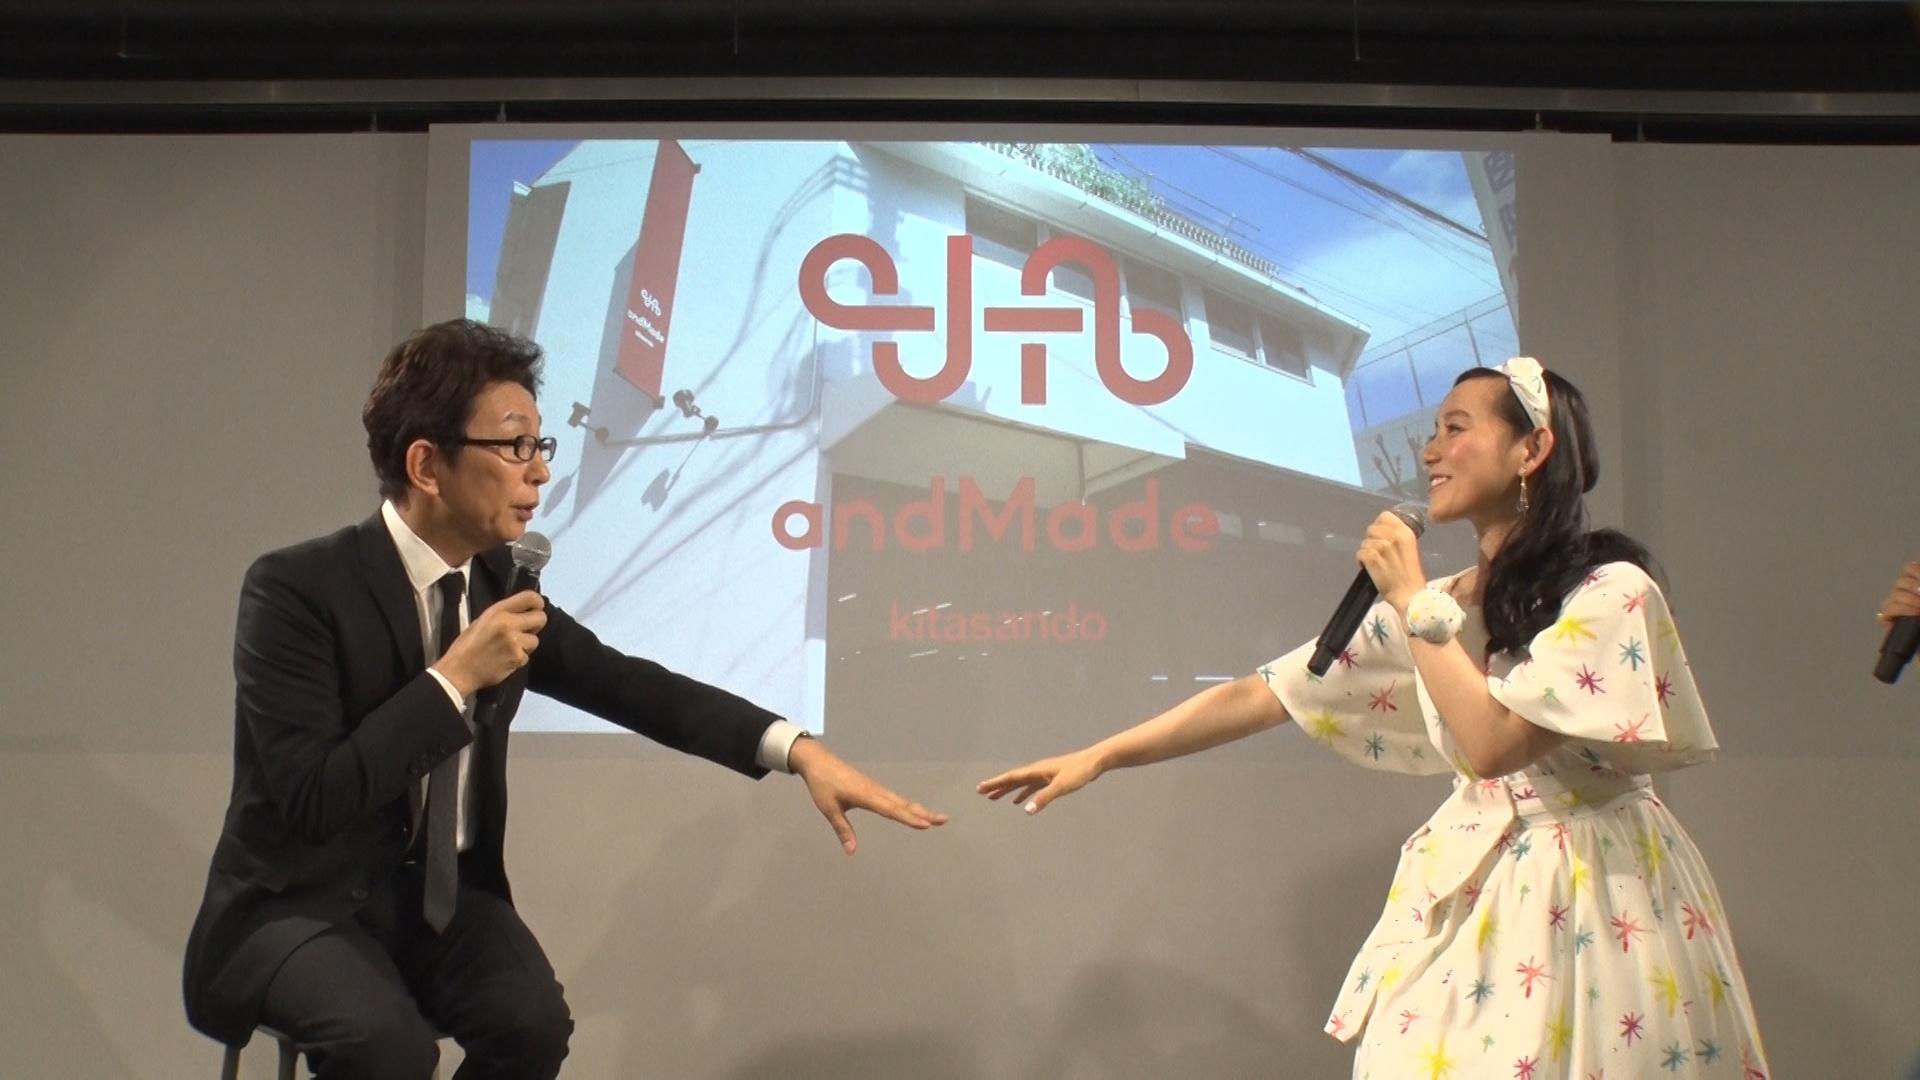 Mr. Ichiro Furutachi and Ms. Tomoe Shinohara